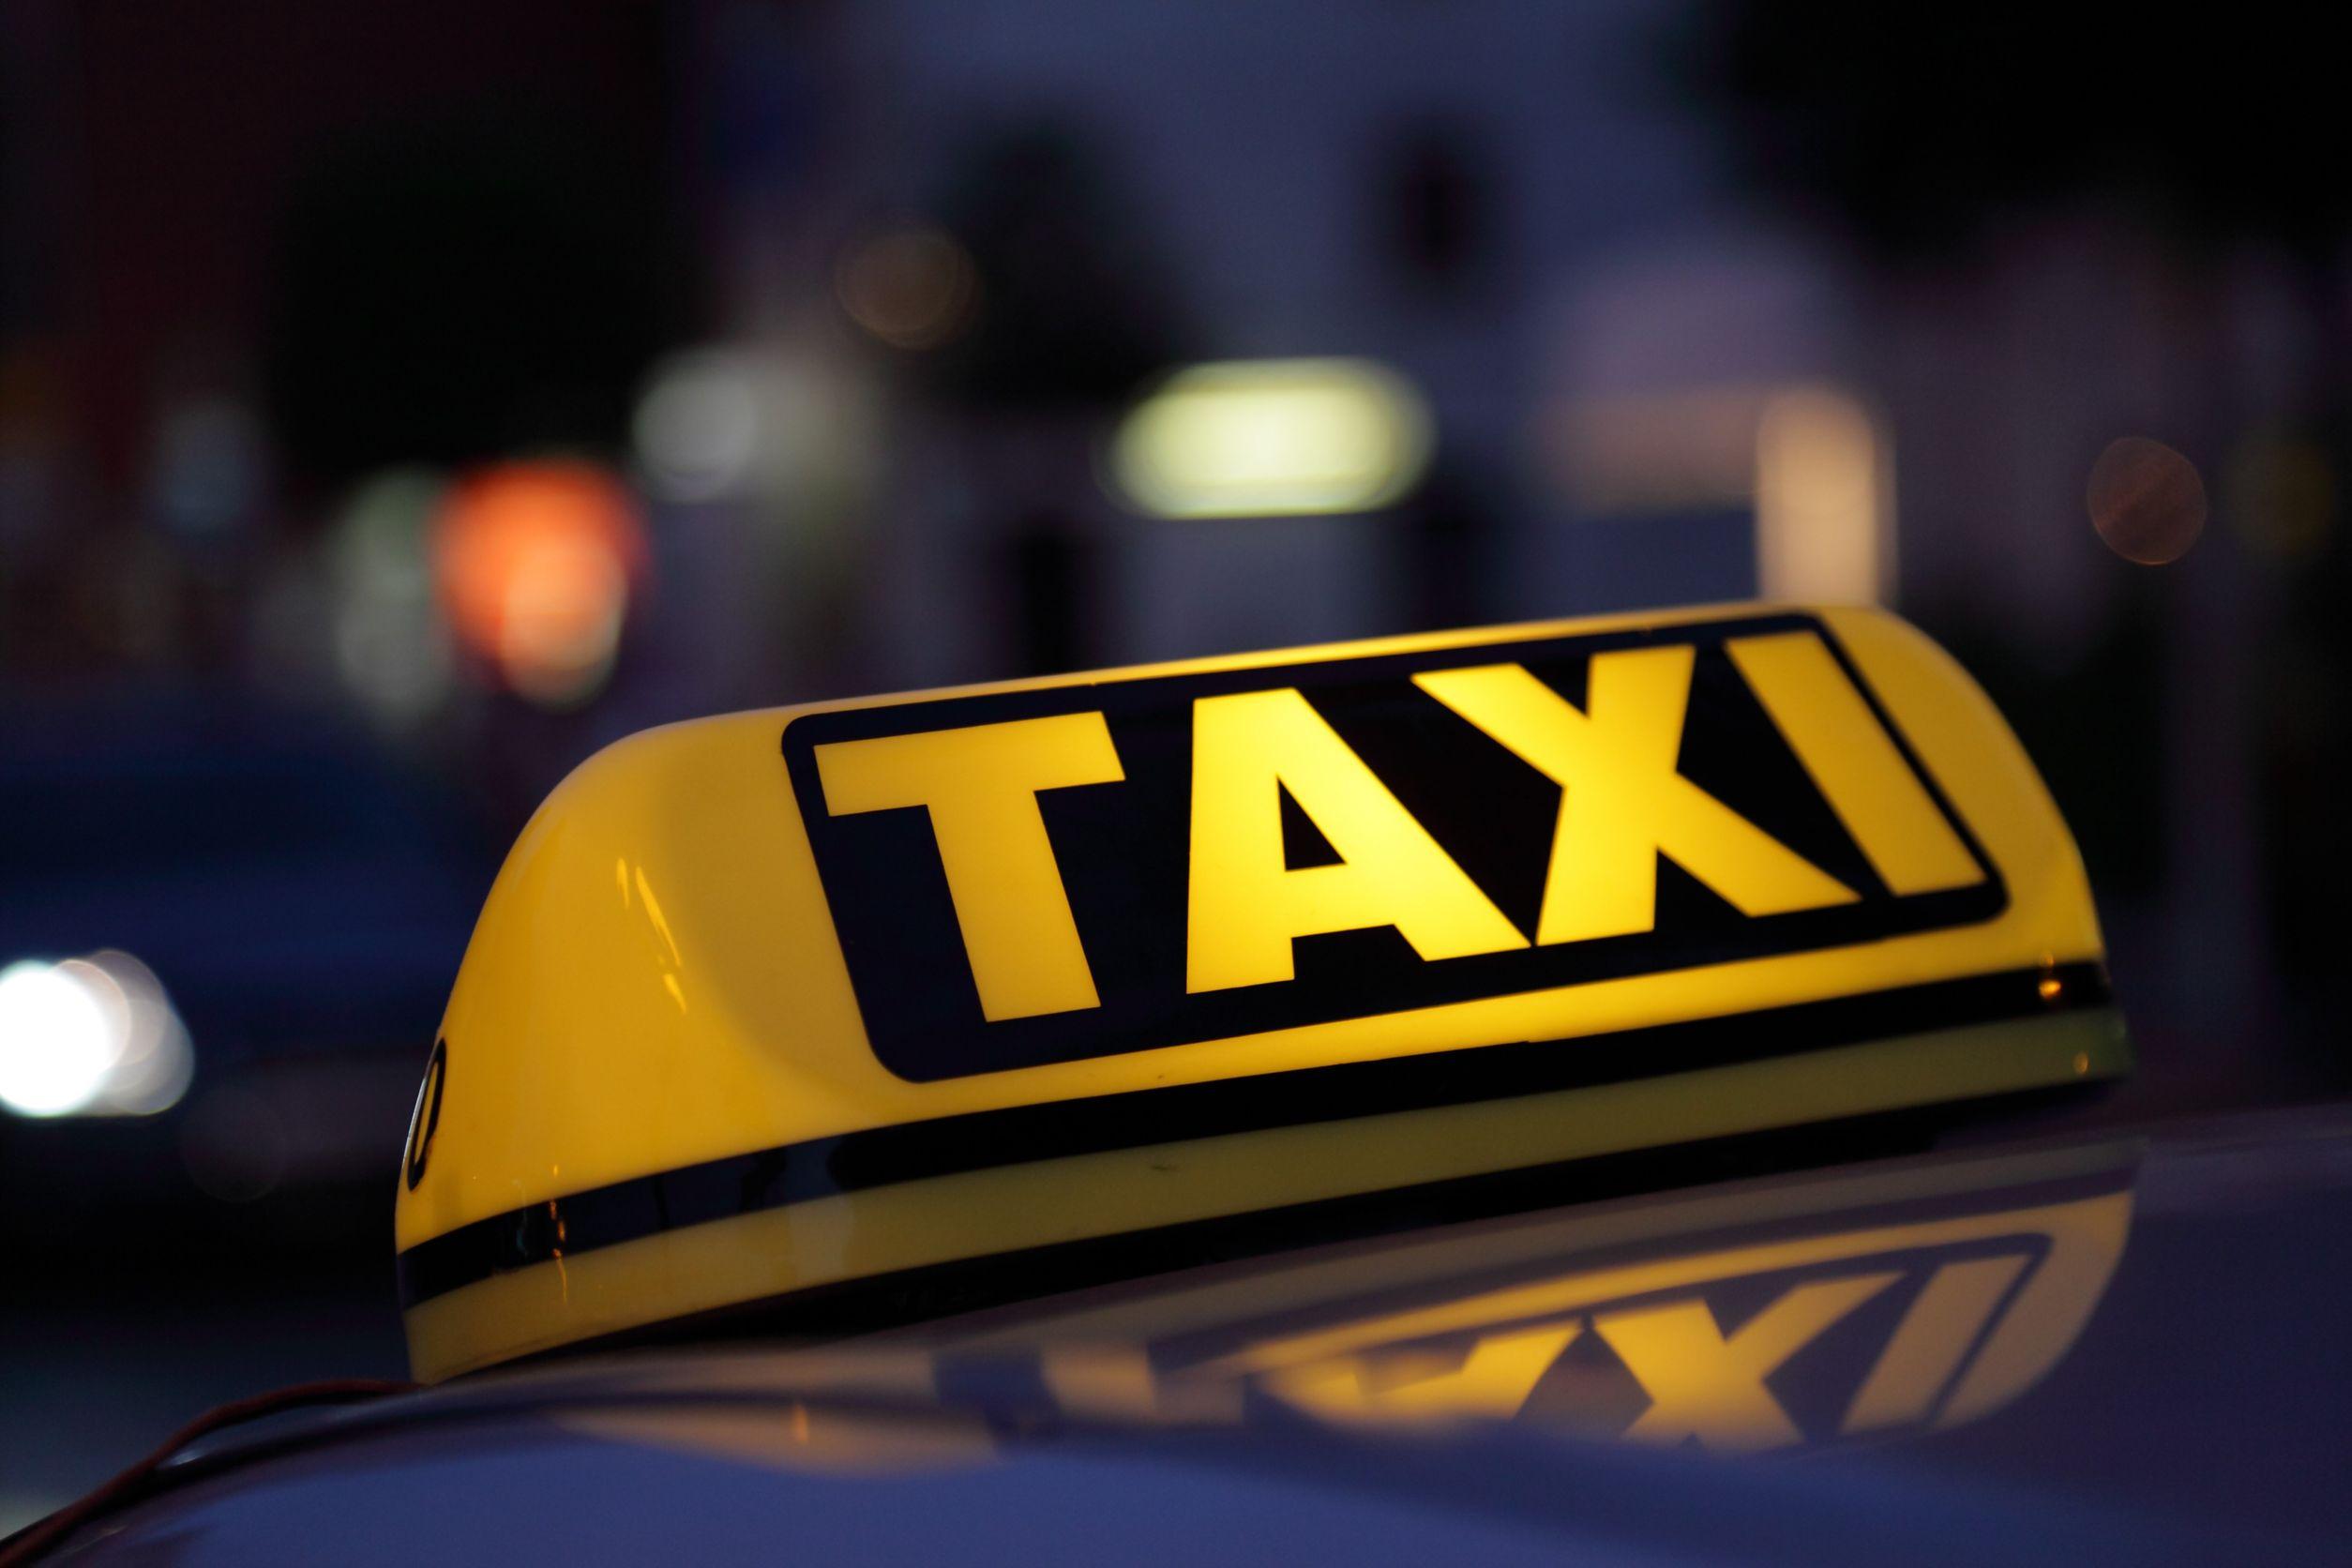 五台山出租车|五台山旅游租车|五台山机场接送|五台山包车